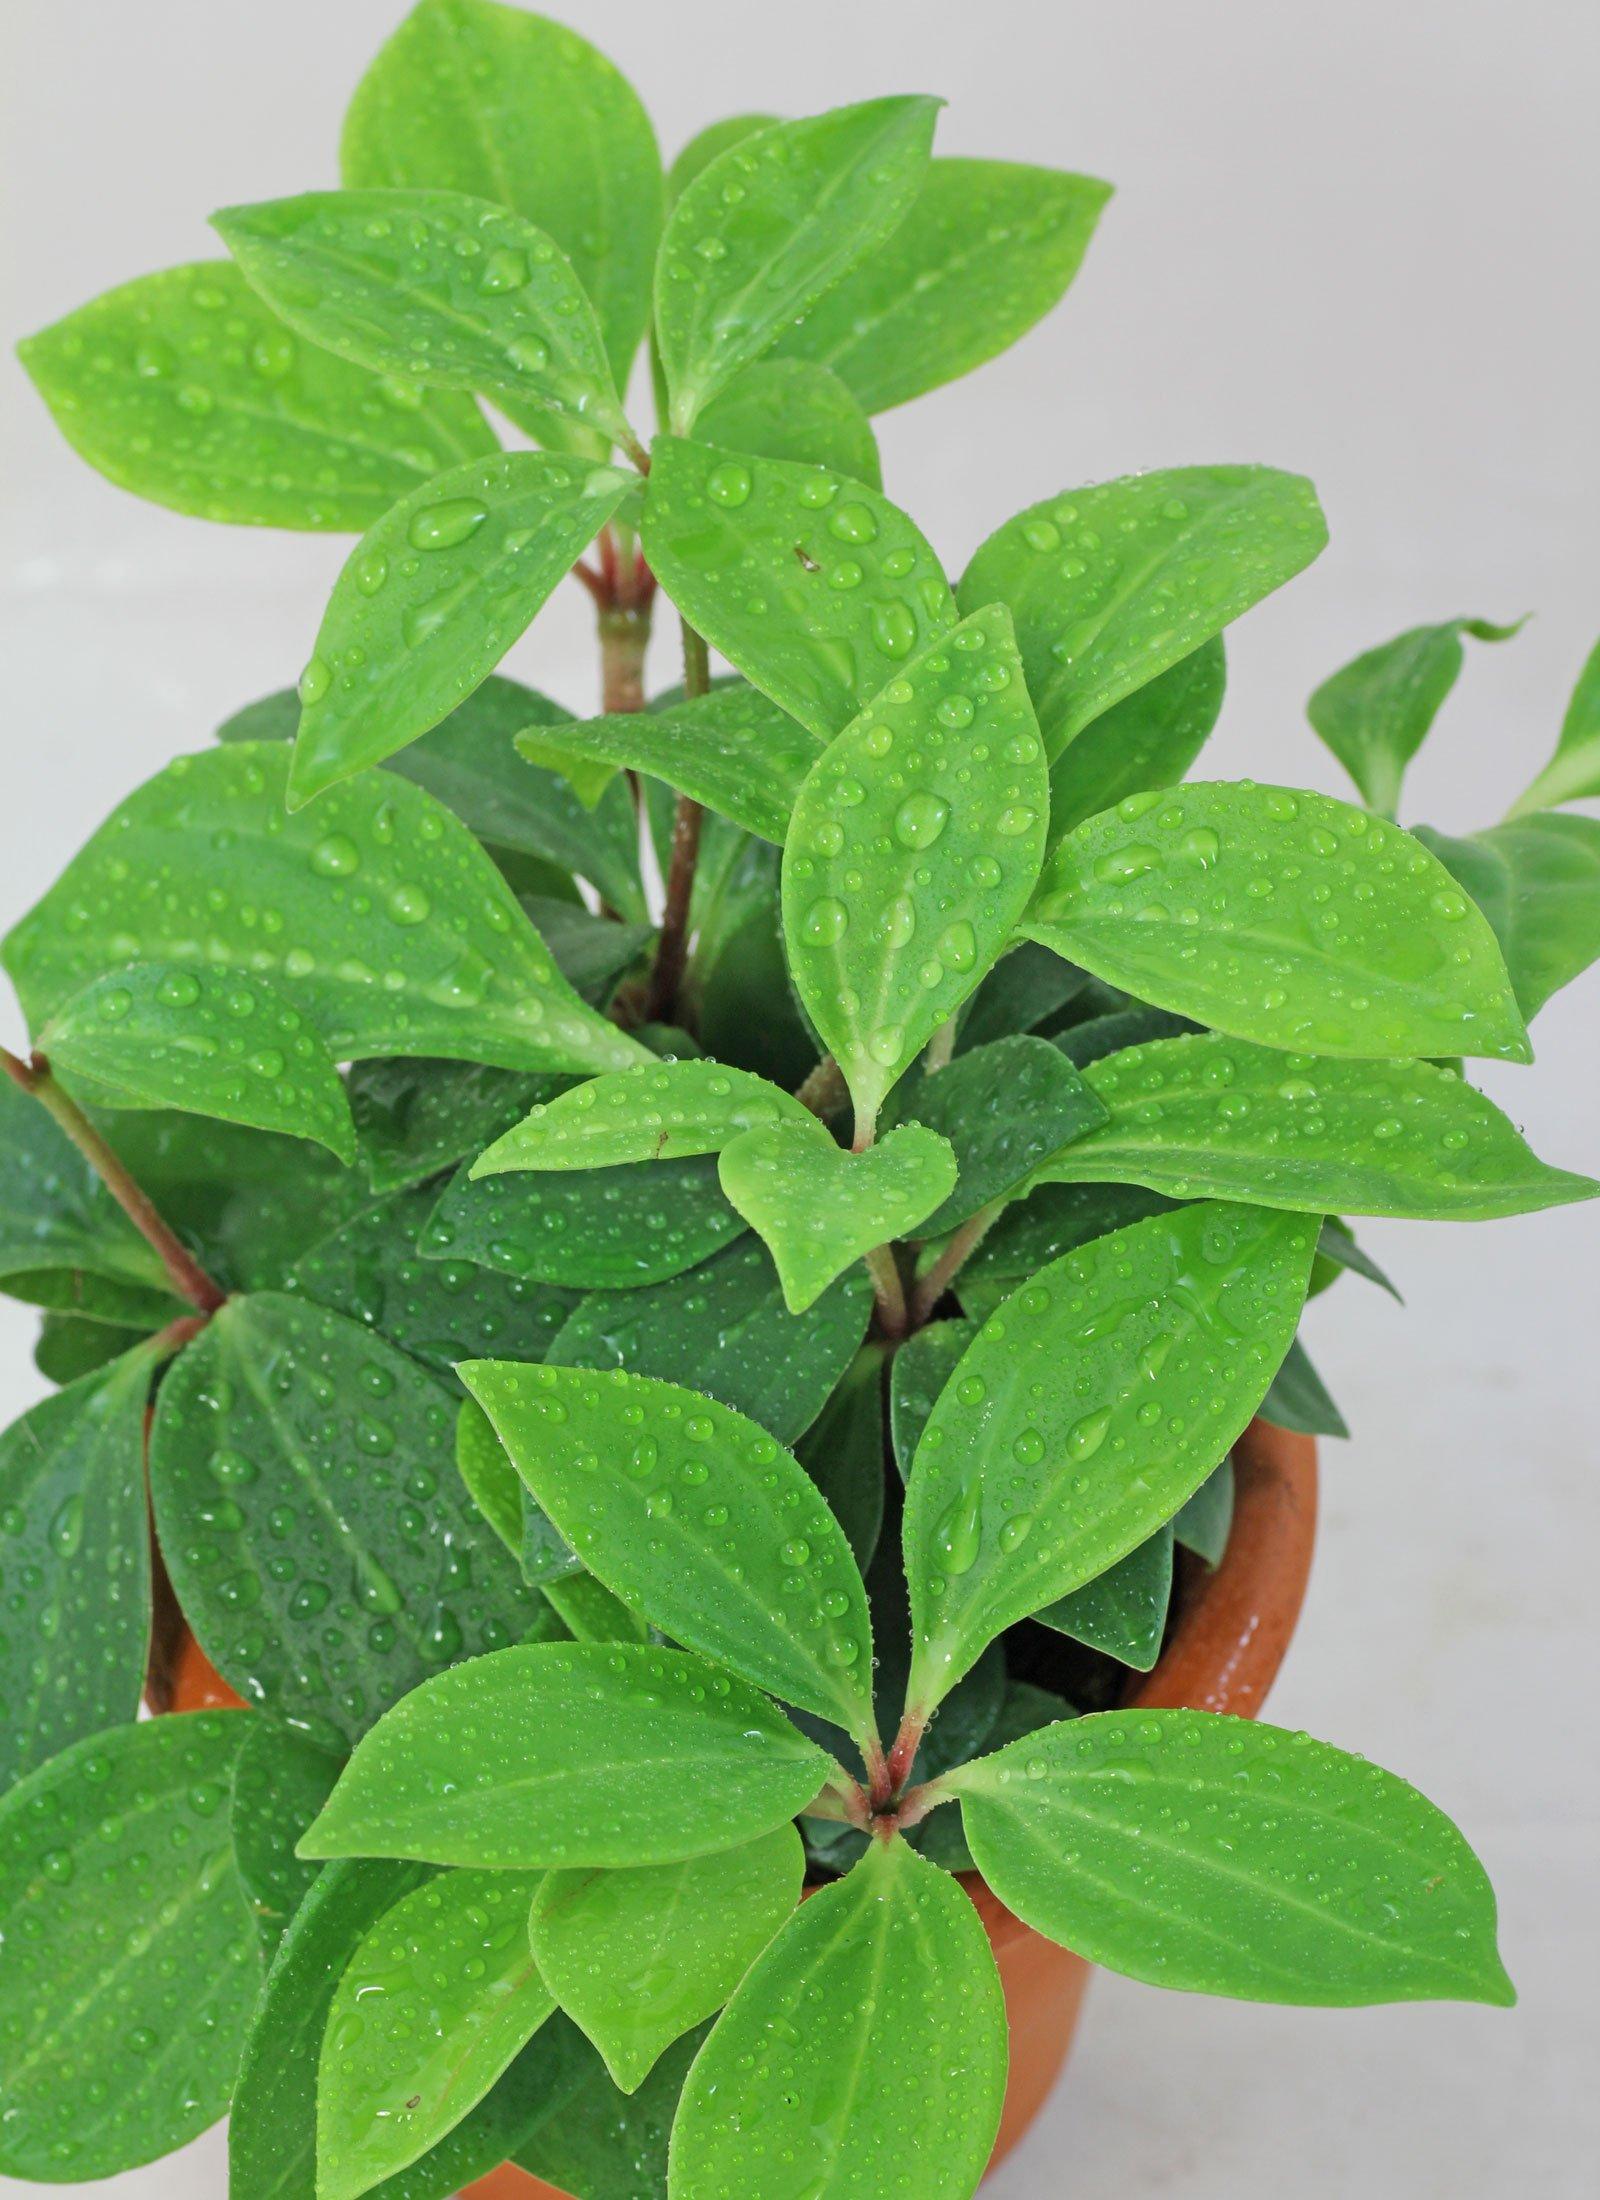 pereskiifolia